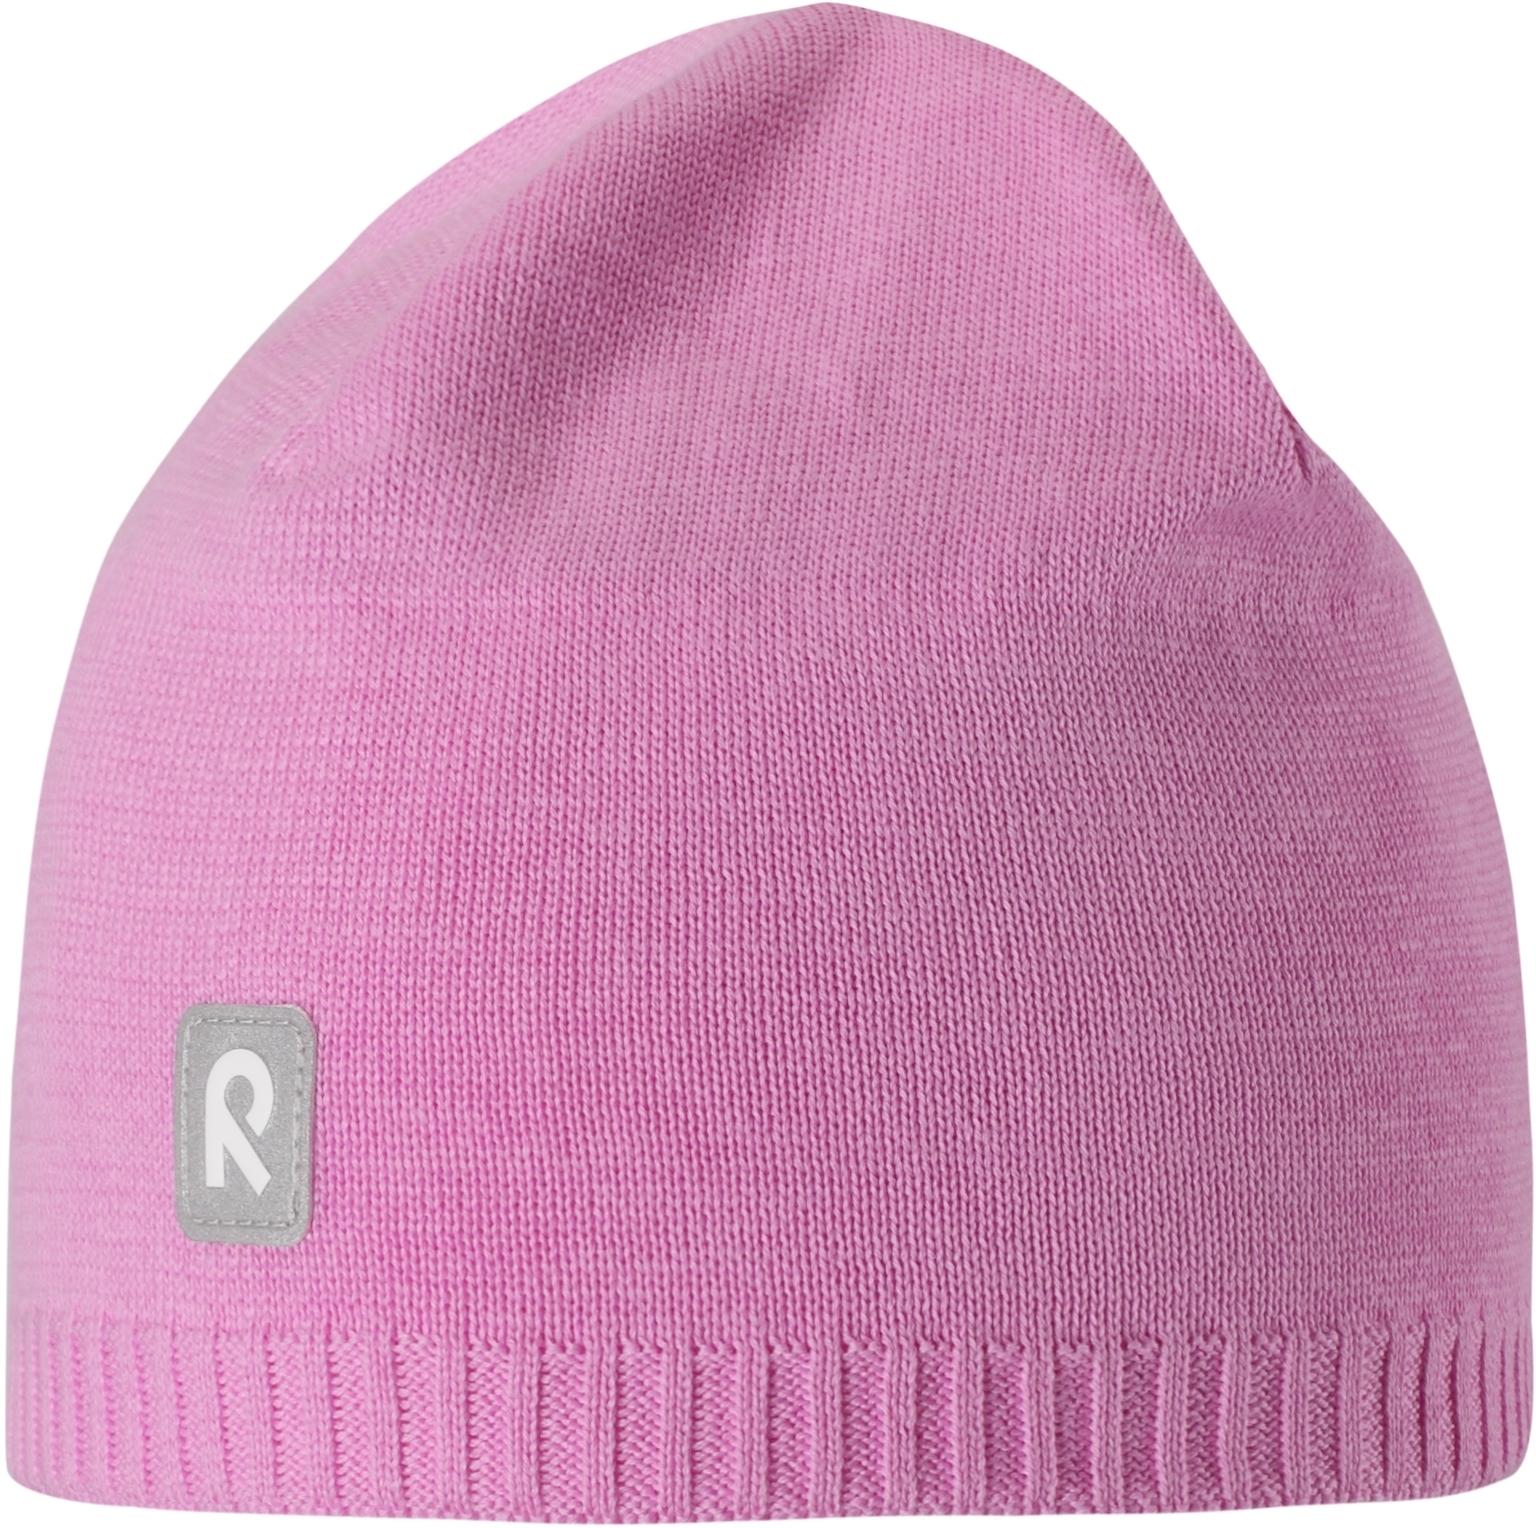 Dětská čepice Reima Haapa - candy pink - Skibi Kids 6738ca2536